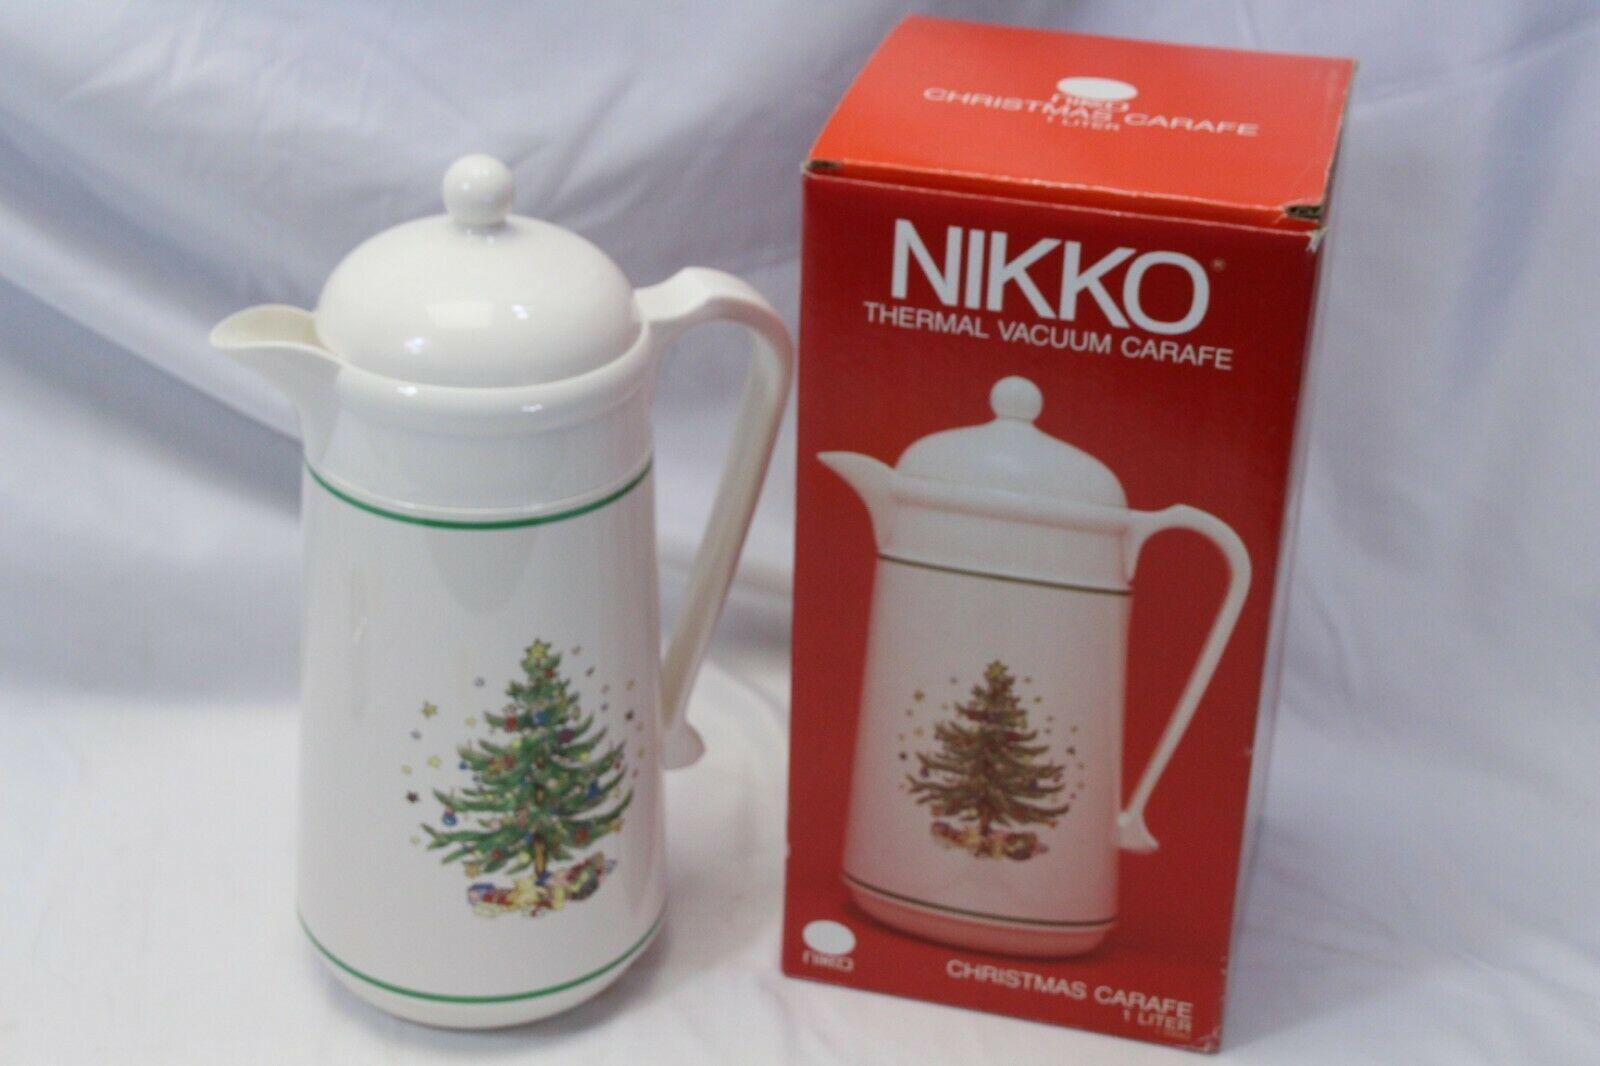 Nikko Christmas Carafe One Liter Thermal